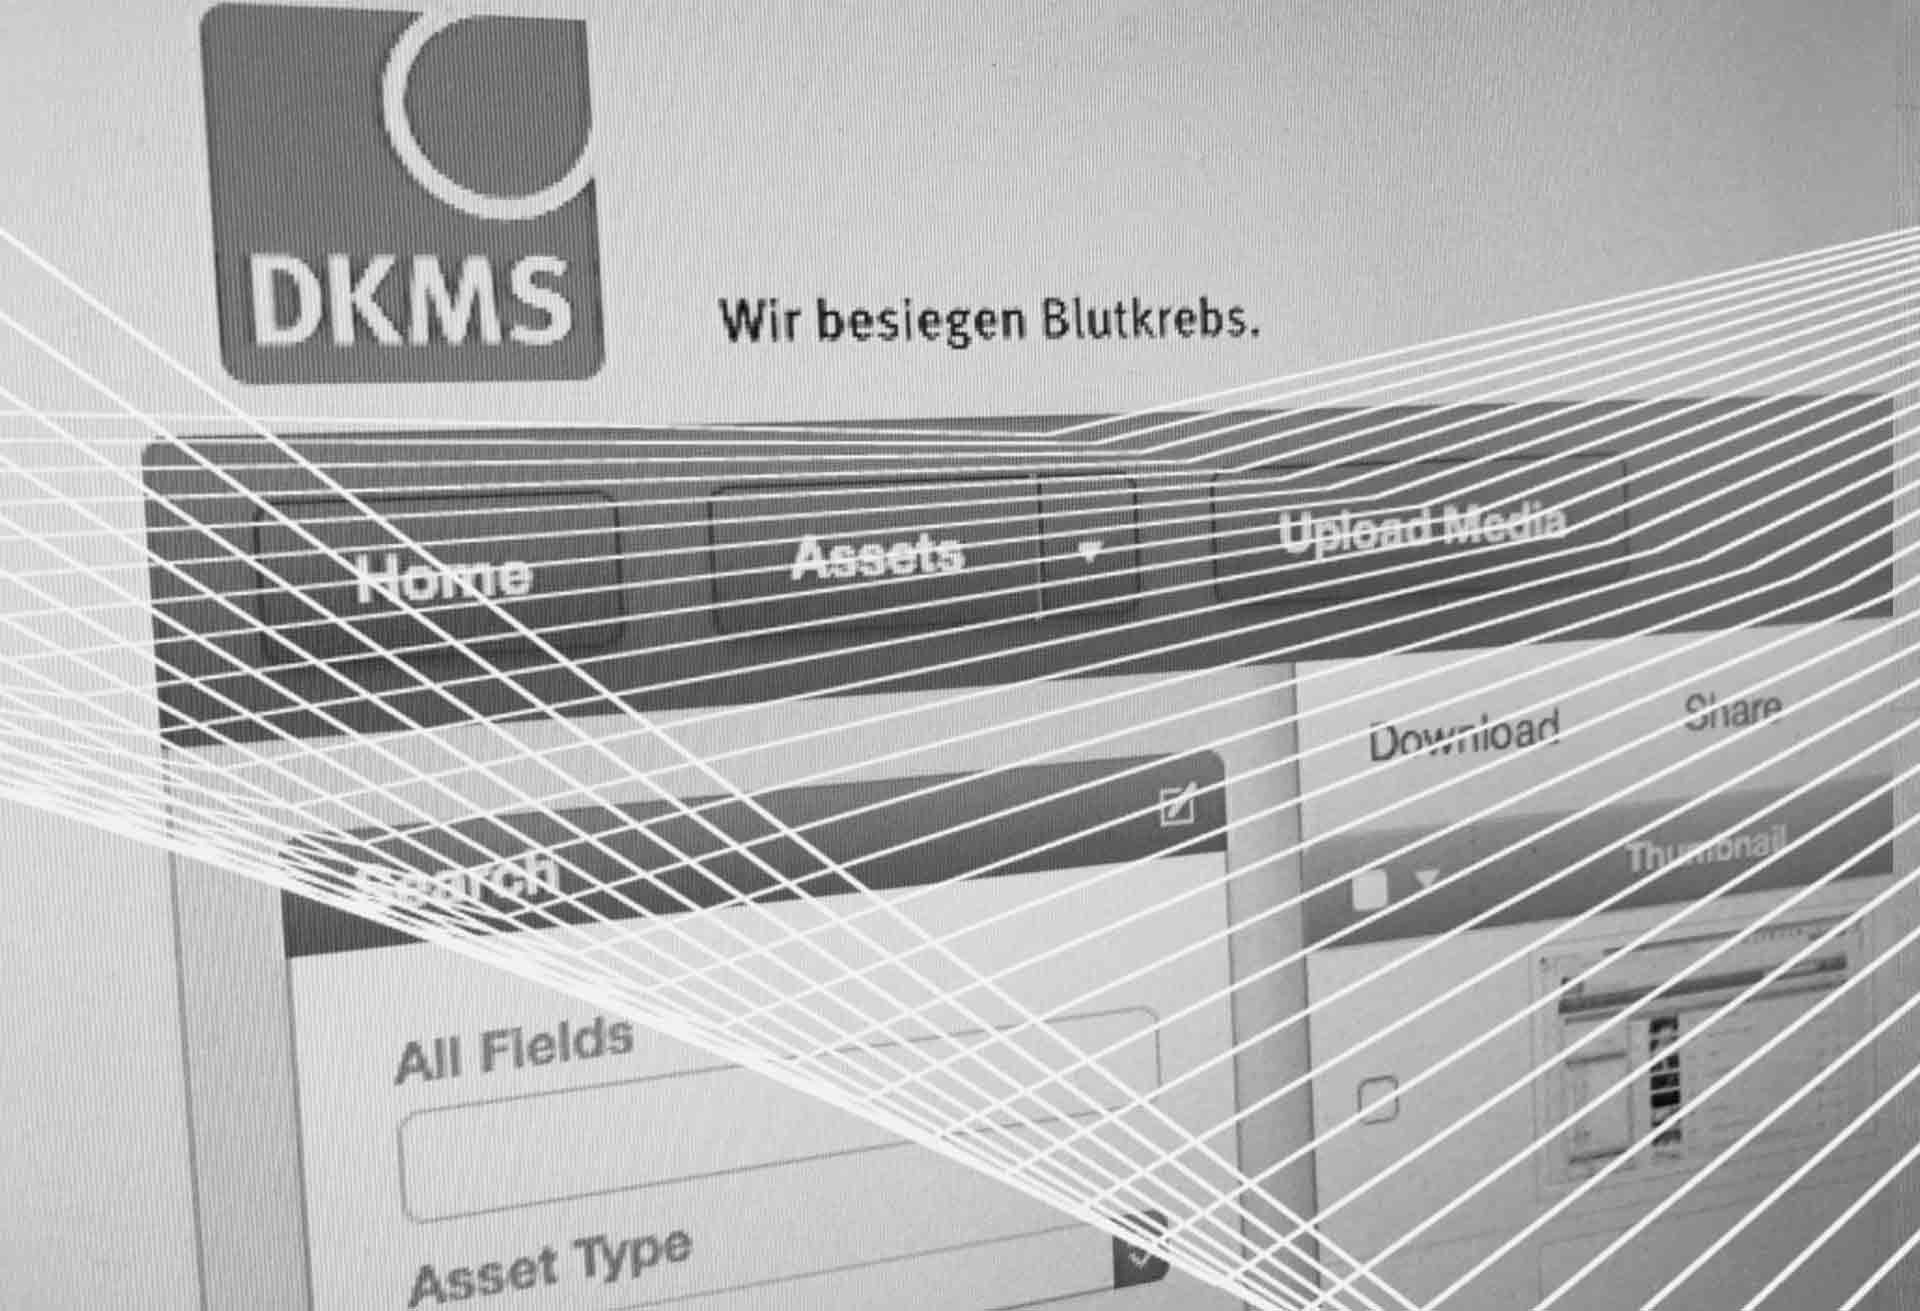 Vision Factory: zentrales bewegtbildarchiv für die DKMS